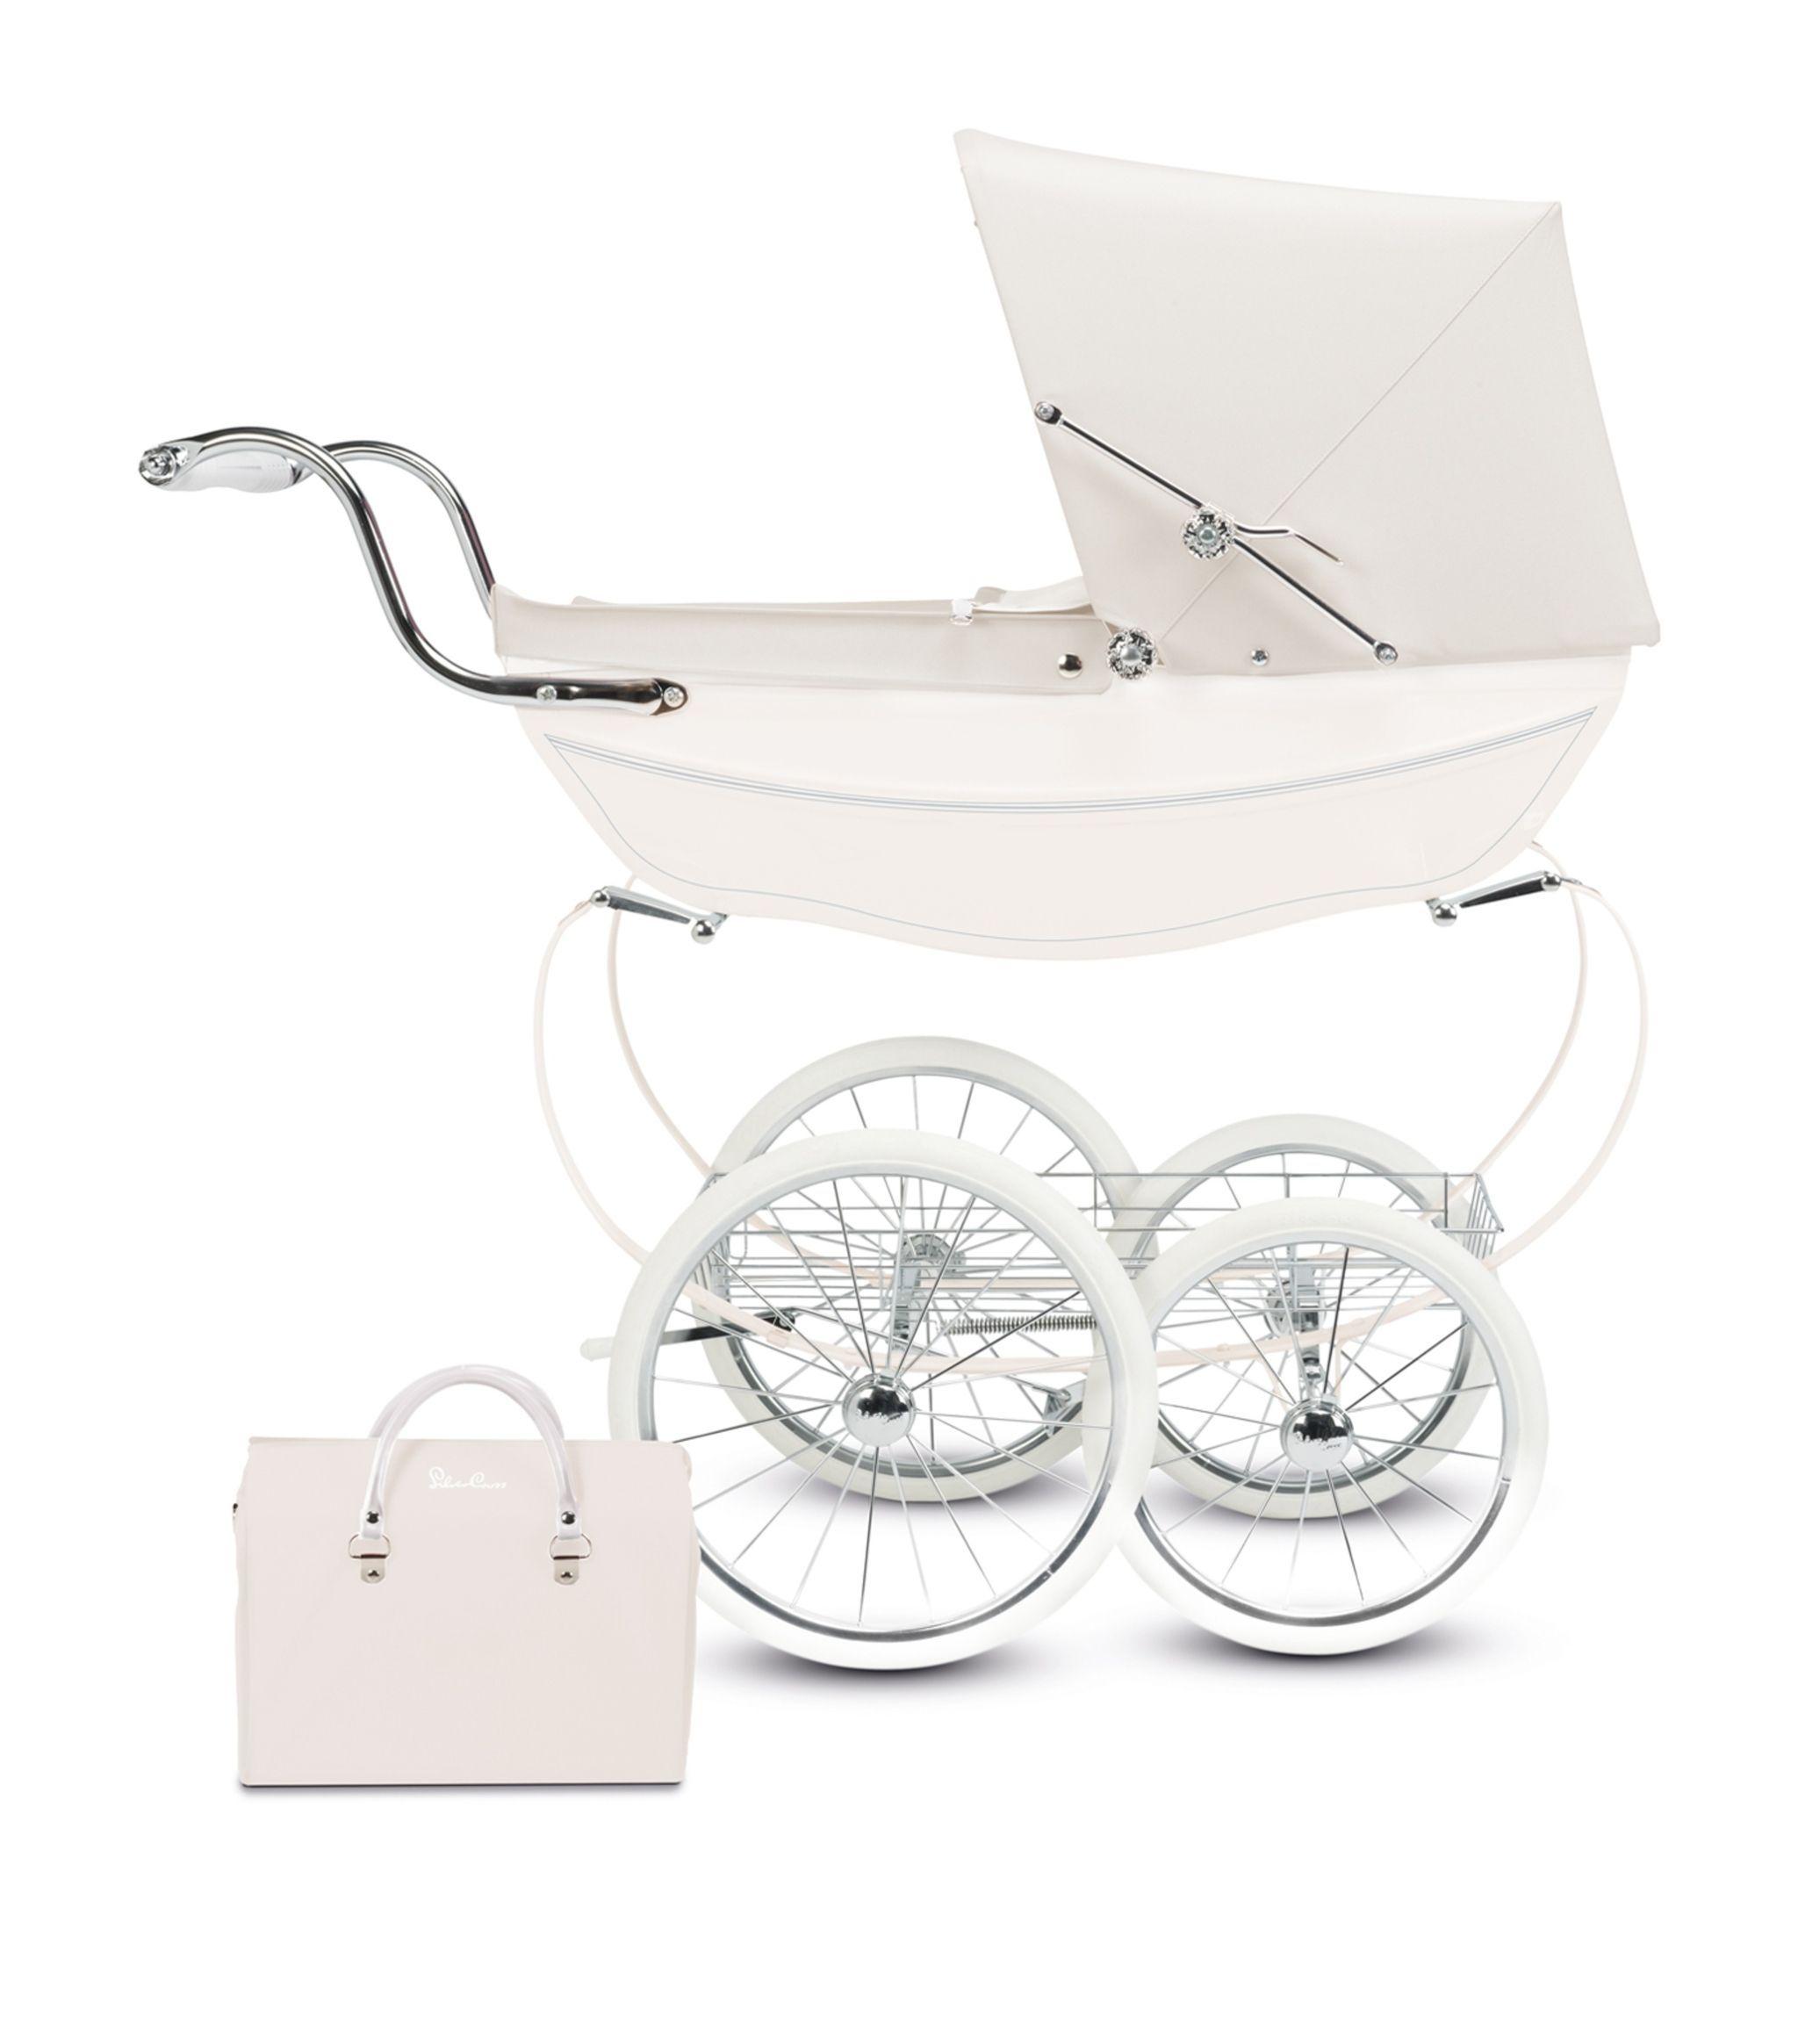 13+ Silver cross stroller shopping basket ideas in 2021